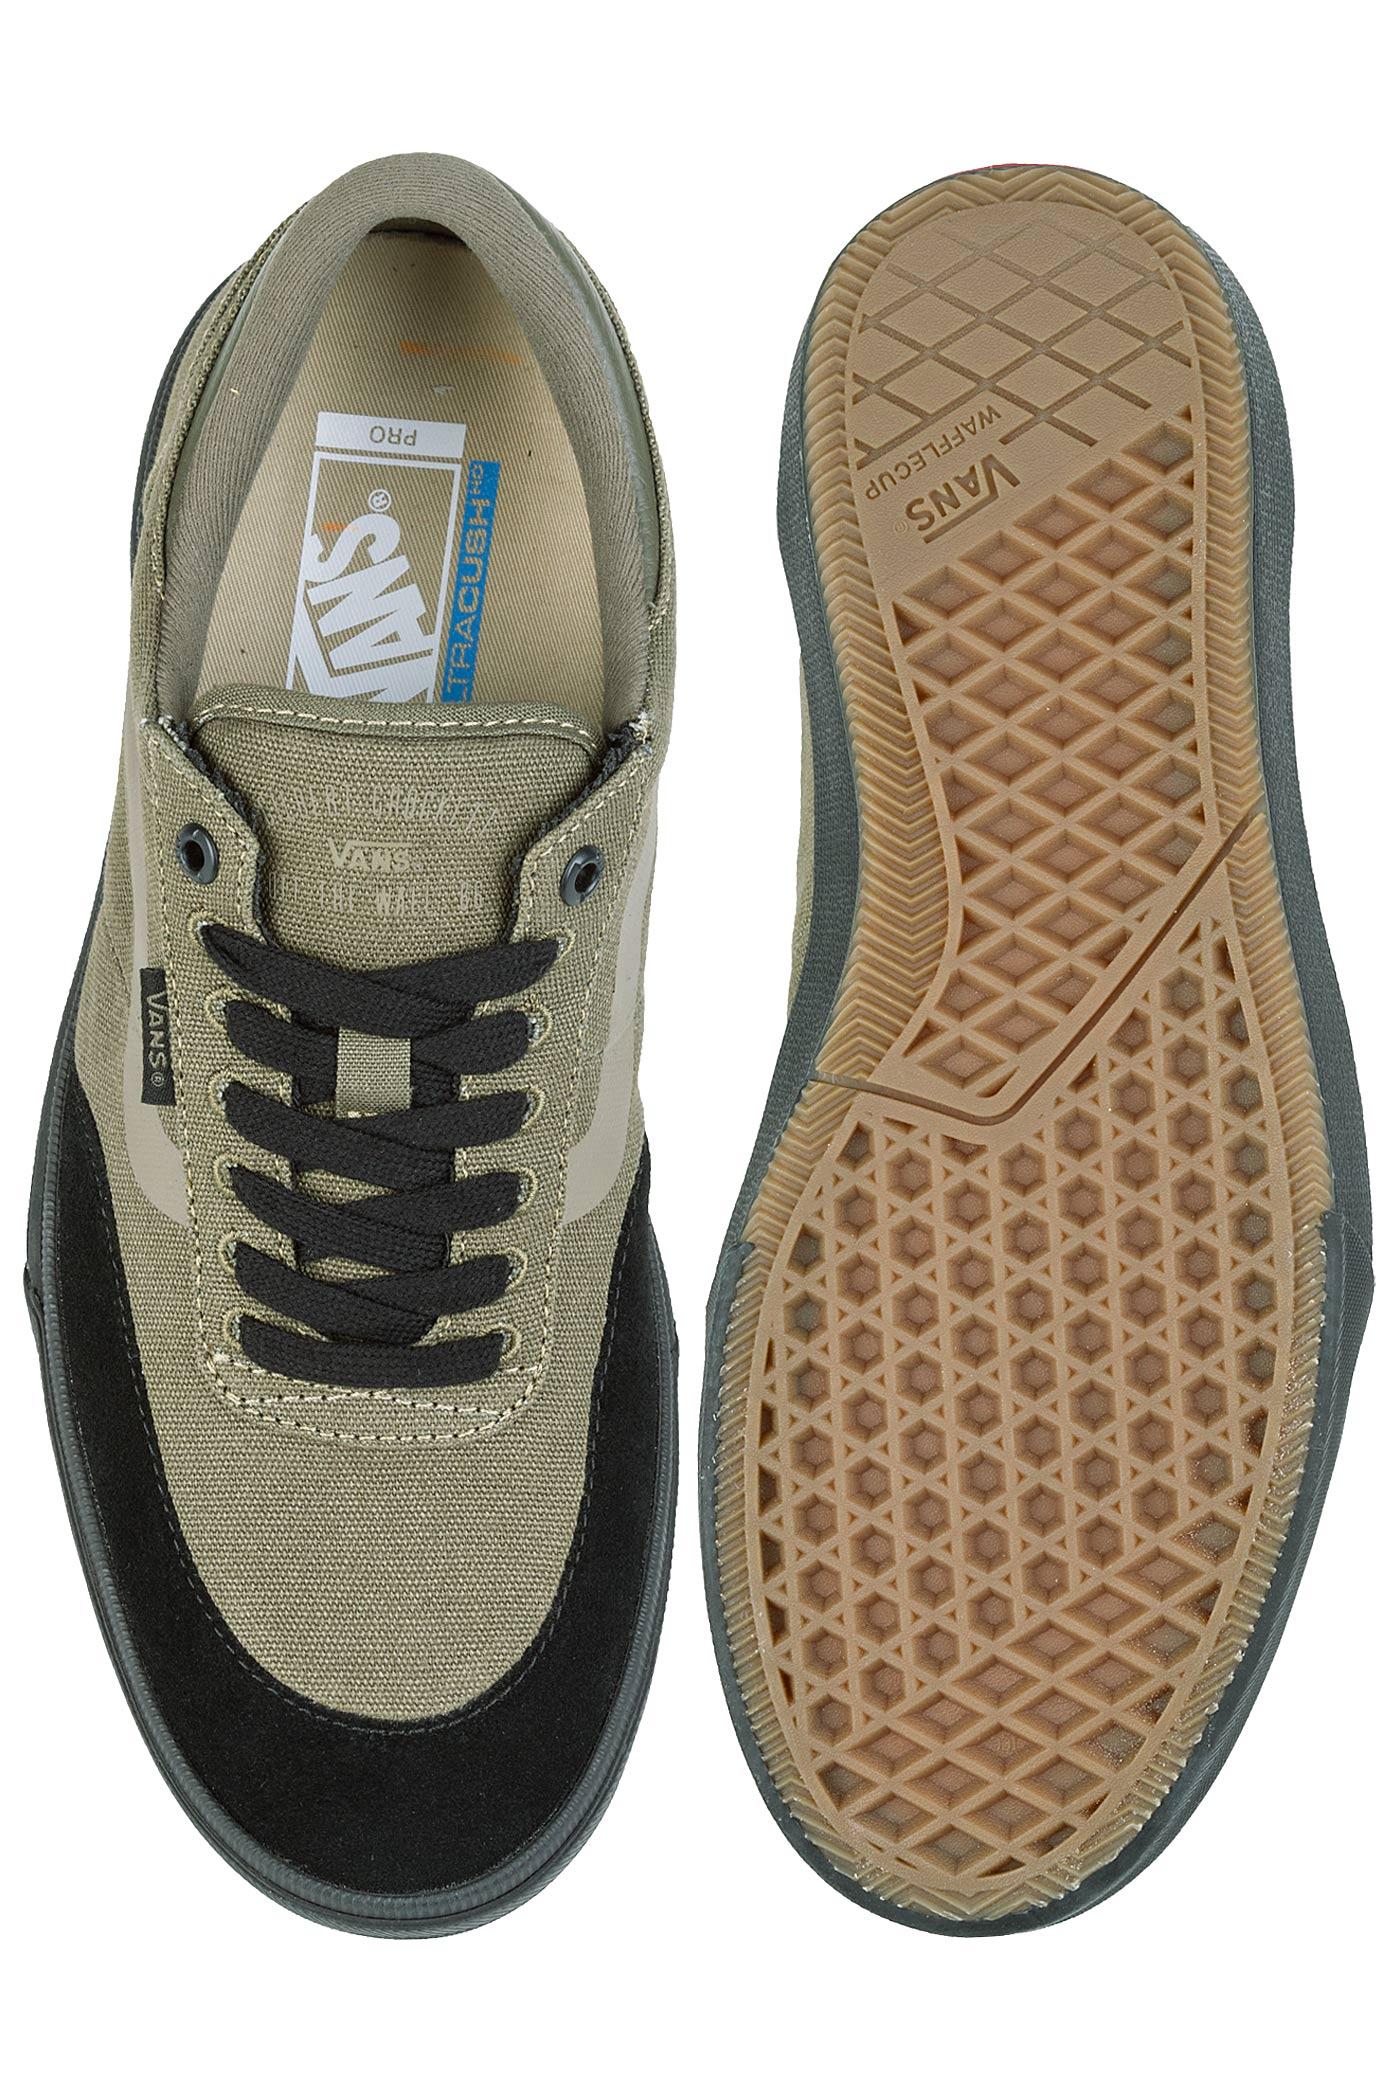 35150bbb04b Vans Gilbert Crockett 2 Pro Chaussure (ivy green black) achetez sur ...